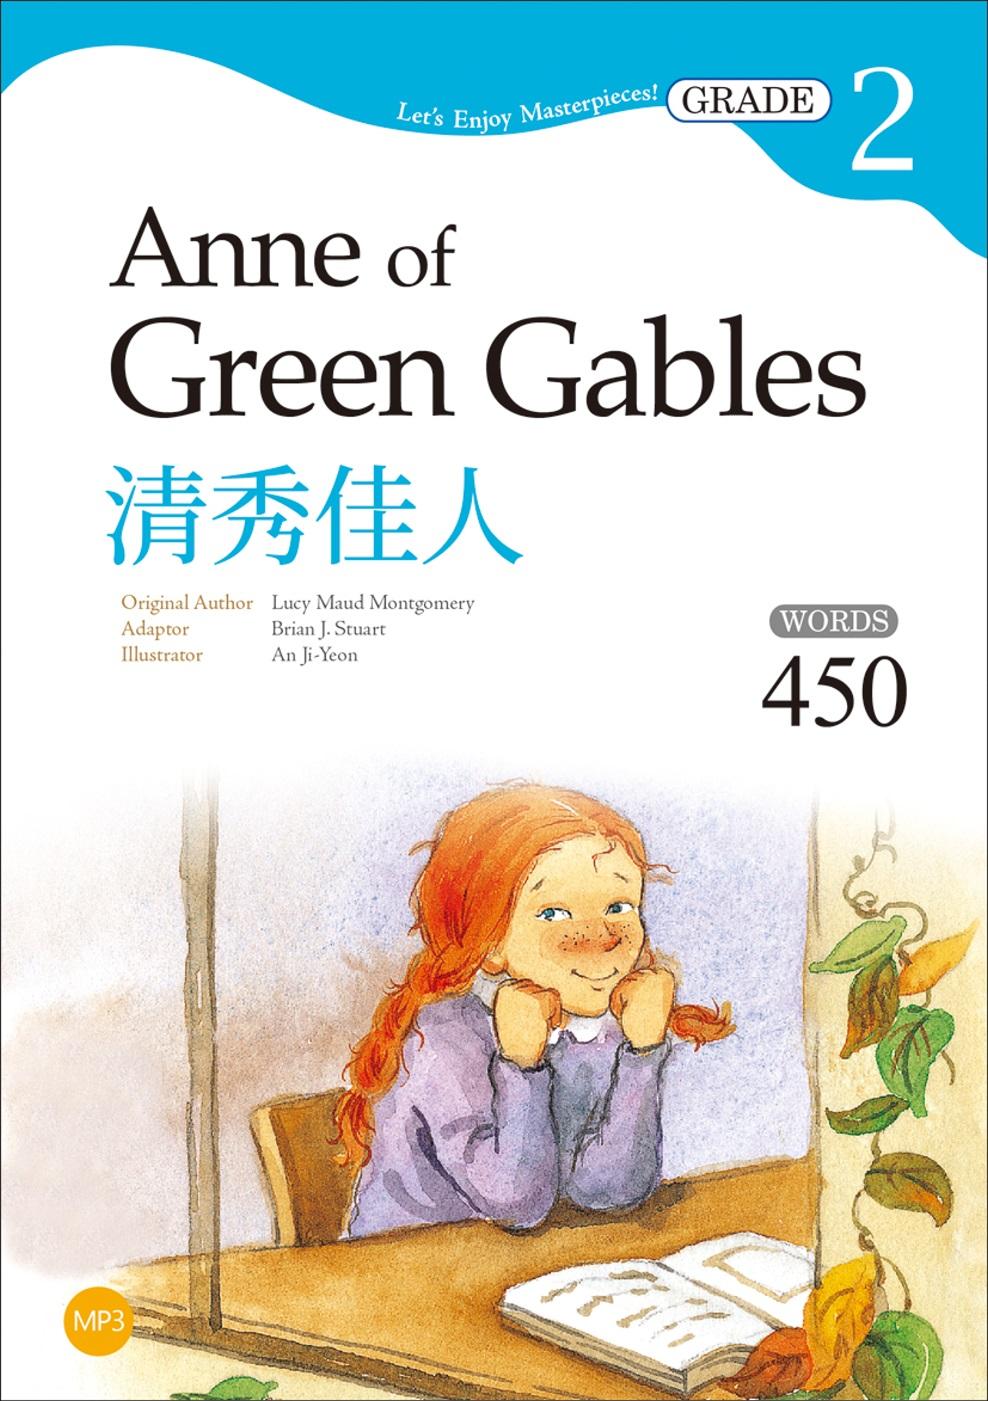 清秀佳人 Anne of Green Gables【Grade 2經典文學讀本】二版(25K+1MP3)